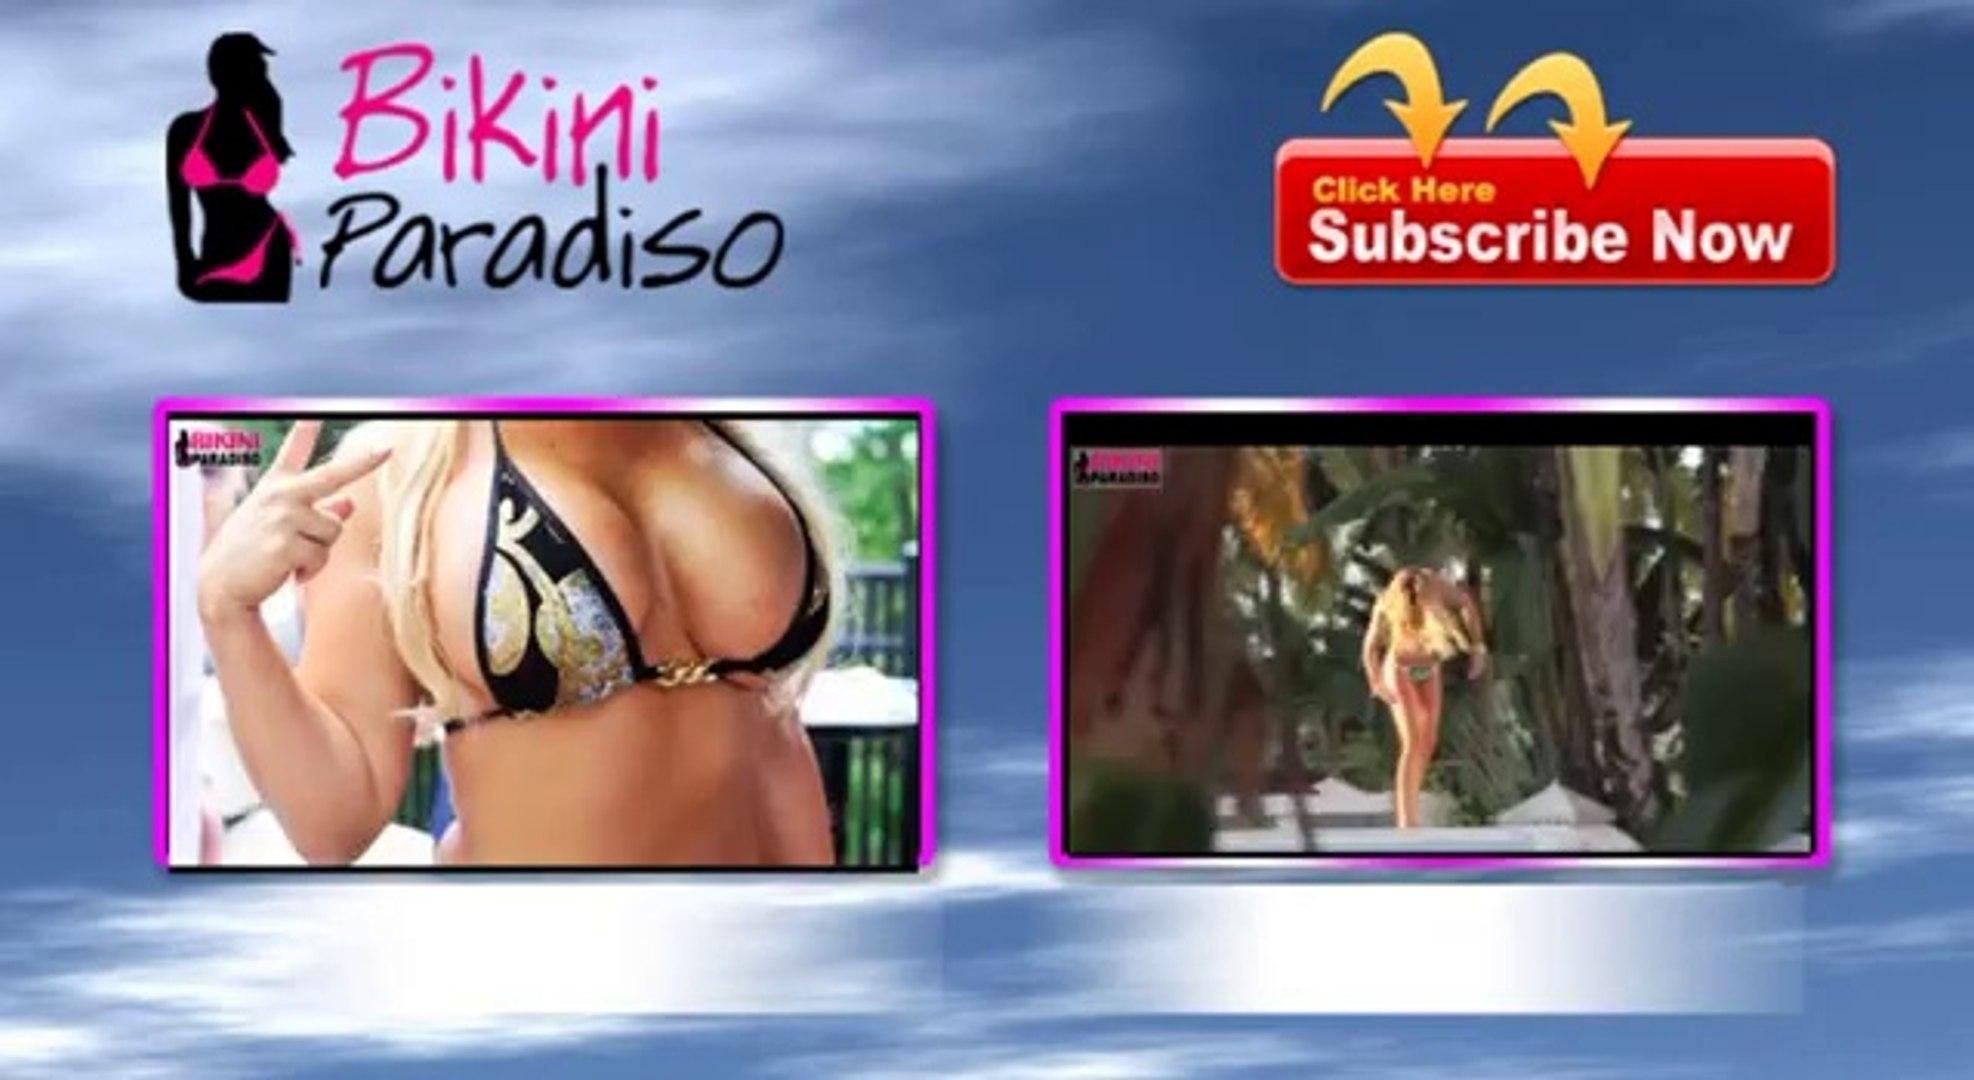 Claudia Galanti in a SEXY Green Bandeau Bikini bikini paradiso FULL HD